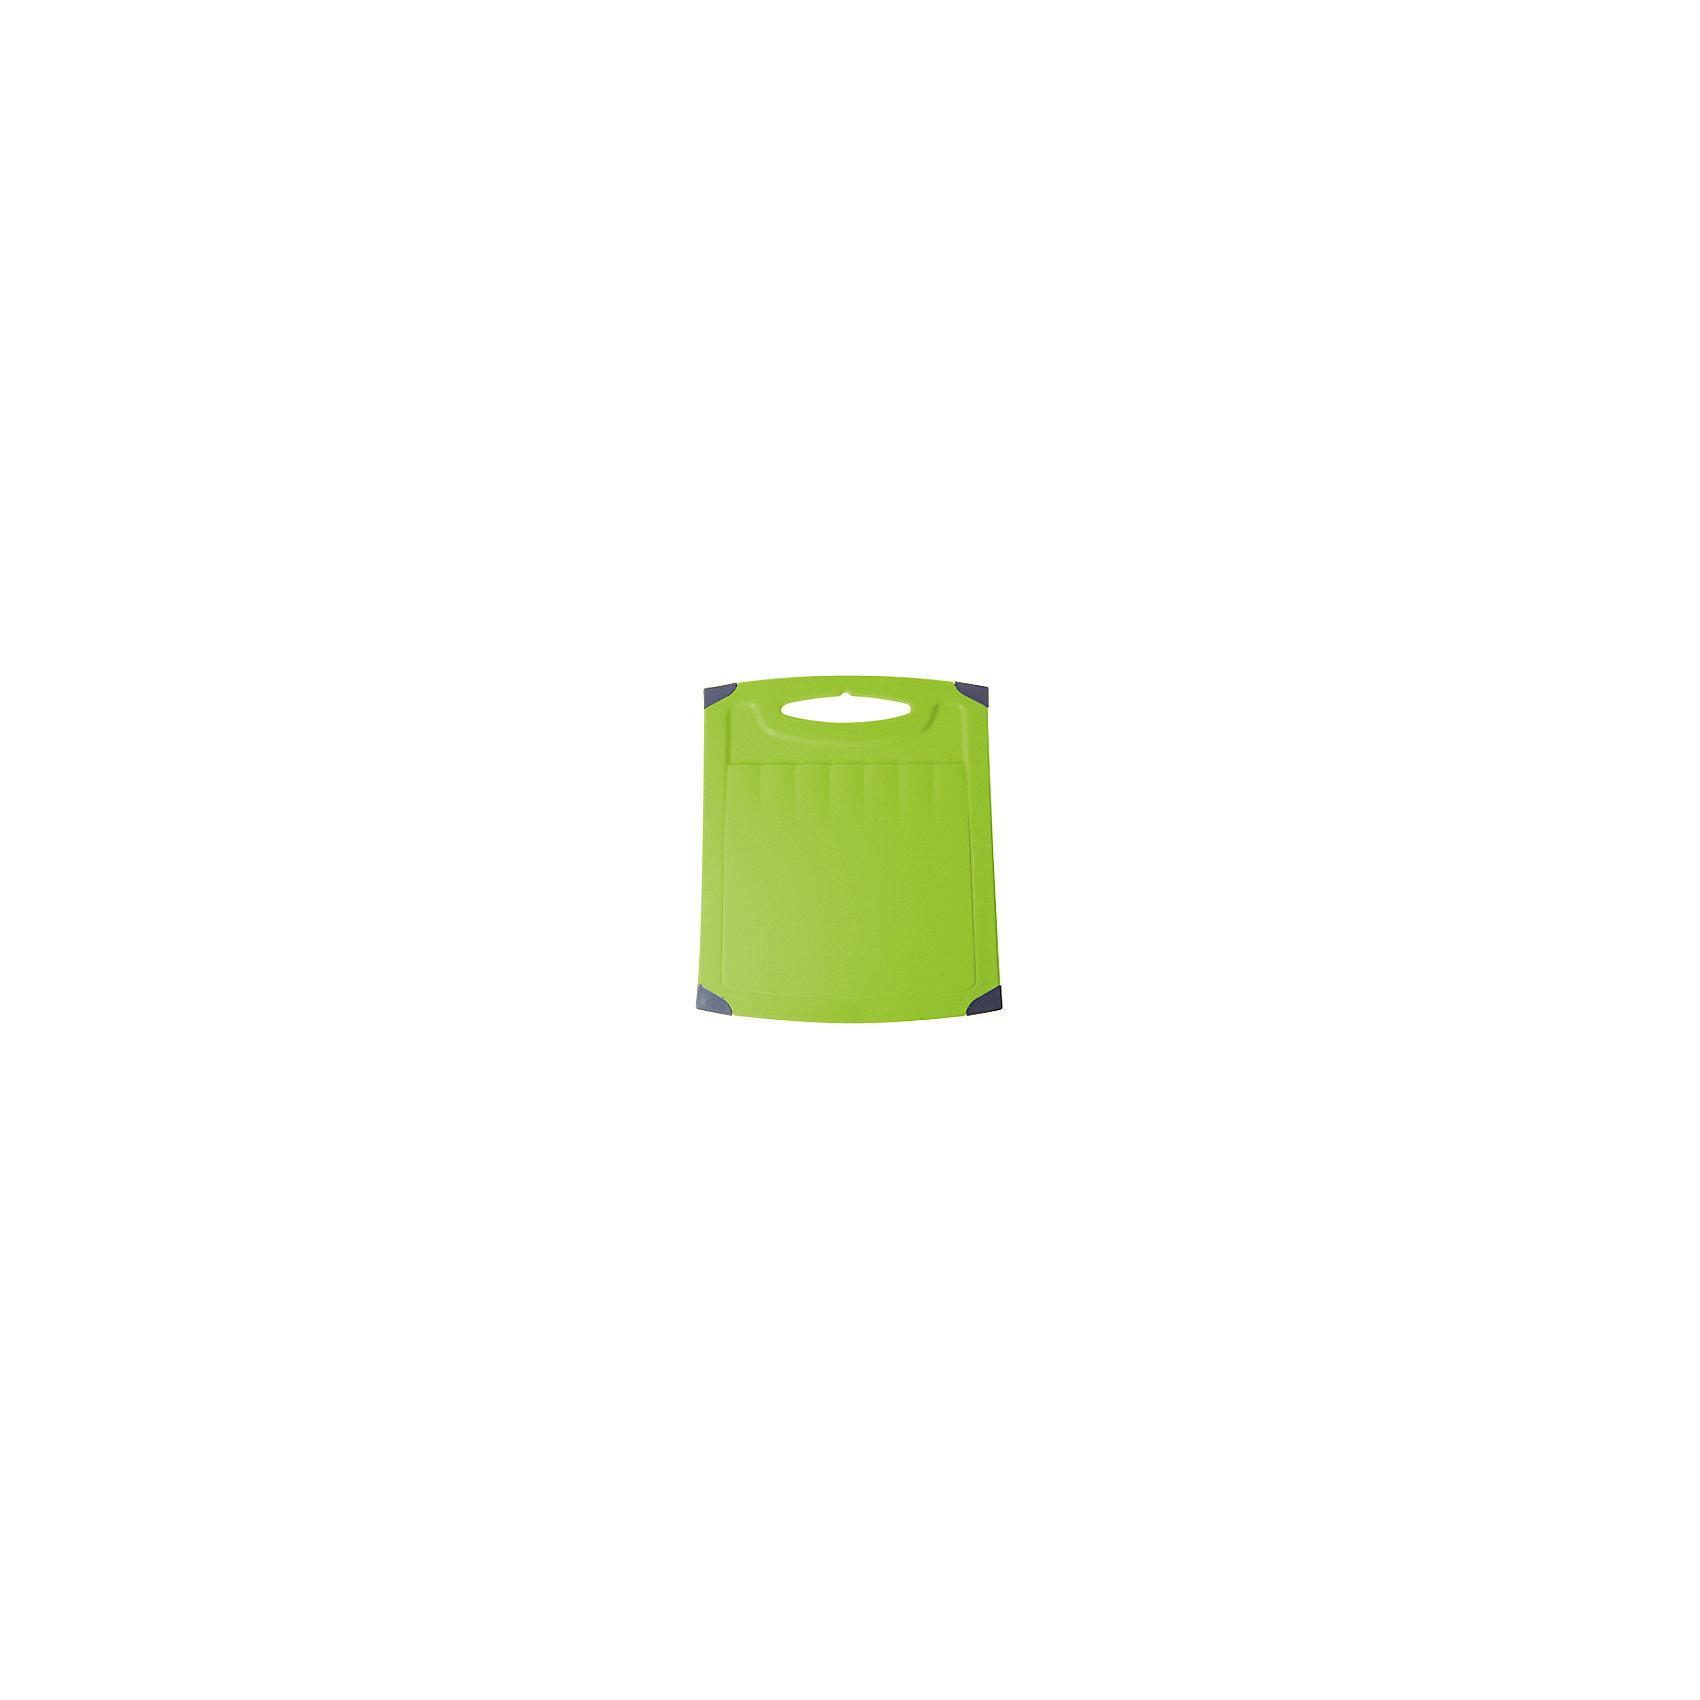 Доска разделочная Люкс №4, Plastic CentreПосуда<br>Доска разделочная Люкс №4, Plastic Centre<br><br>Характеристики:<br><br>• Цвет: оранжевый<br>• Материал: пластик<br>• В комплекте: 1 штука<br>• Размер: 40х30 см<br><br>Хорошие разделочные доски позволят вам легко навести порядок на вашей кухне и не отвлекаться на мелочи. Эта доска оснащена специальным желобком, который поможет слить стекающую воду, не потревожив продукты. Изготовлены они из высококачественного пищевого пластика, который безопасен  для здоровья. Доска устойчива к запахам и порезам от ножа. Стильный дизайн не оставит равнодушным никого.<br><br>Доска разделочнаяЛюкс №4, Plastic Centre можно купить в нашем интернет-магазине.<br><br>Ширина мм: 400<br>Глубина мм: 300<br>Высота мм: 6<br>Вес г: 566<br>Возраст от месяцев: 216<br>Возраст до месяцев: 1188<br>Пол: Унисекс<br>Возраст: Детский<br>SKU: 5545680